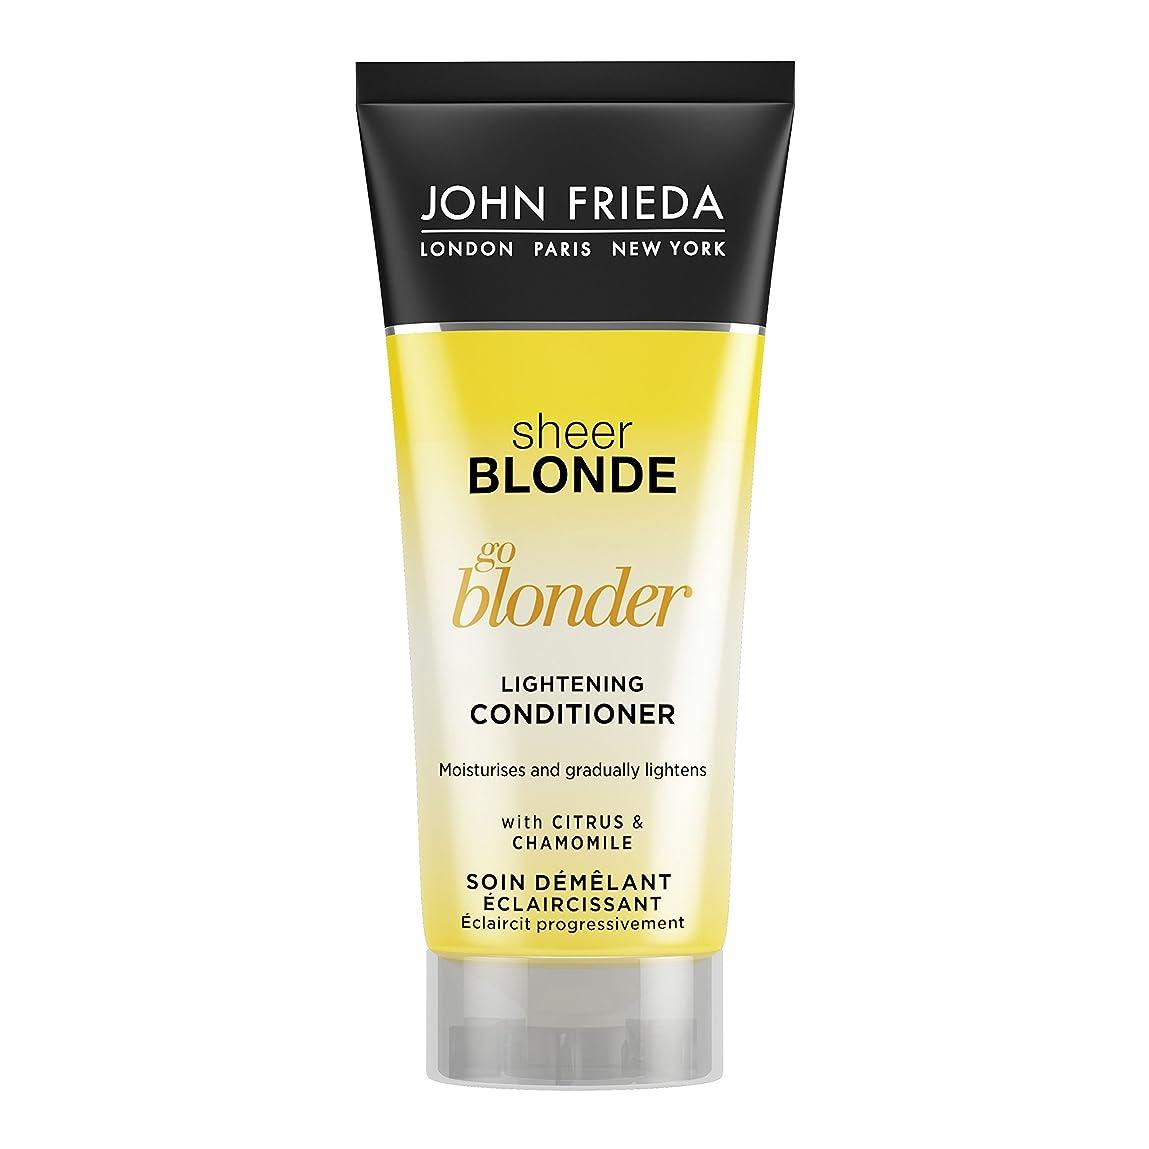 お誕生日休眠交じるJohn Frieda Sheer Blonde Go Blonder Lightening Conditioner Travel Size 50ml